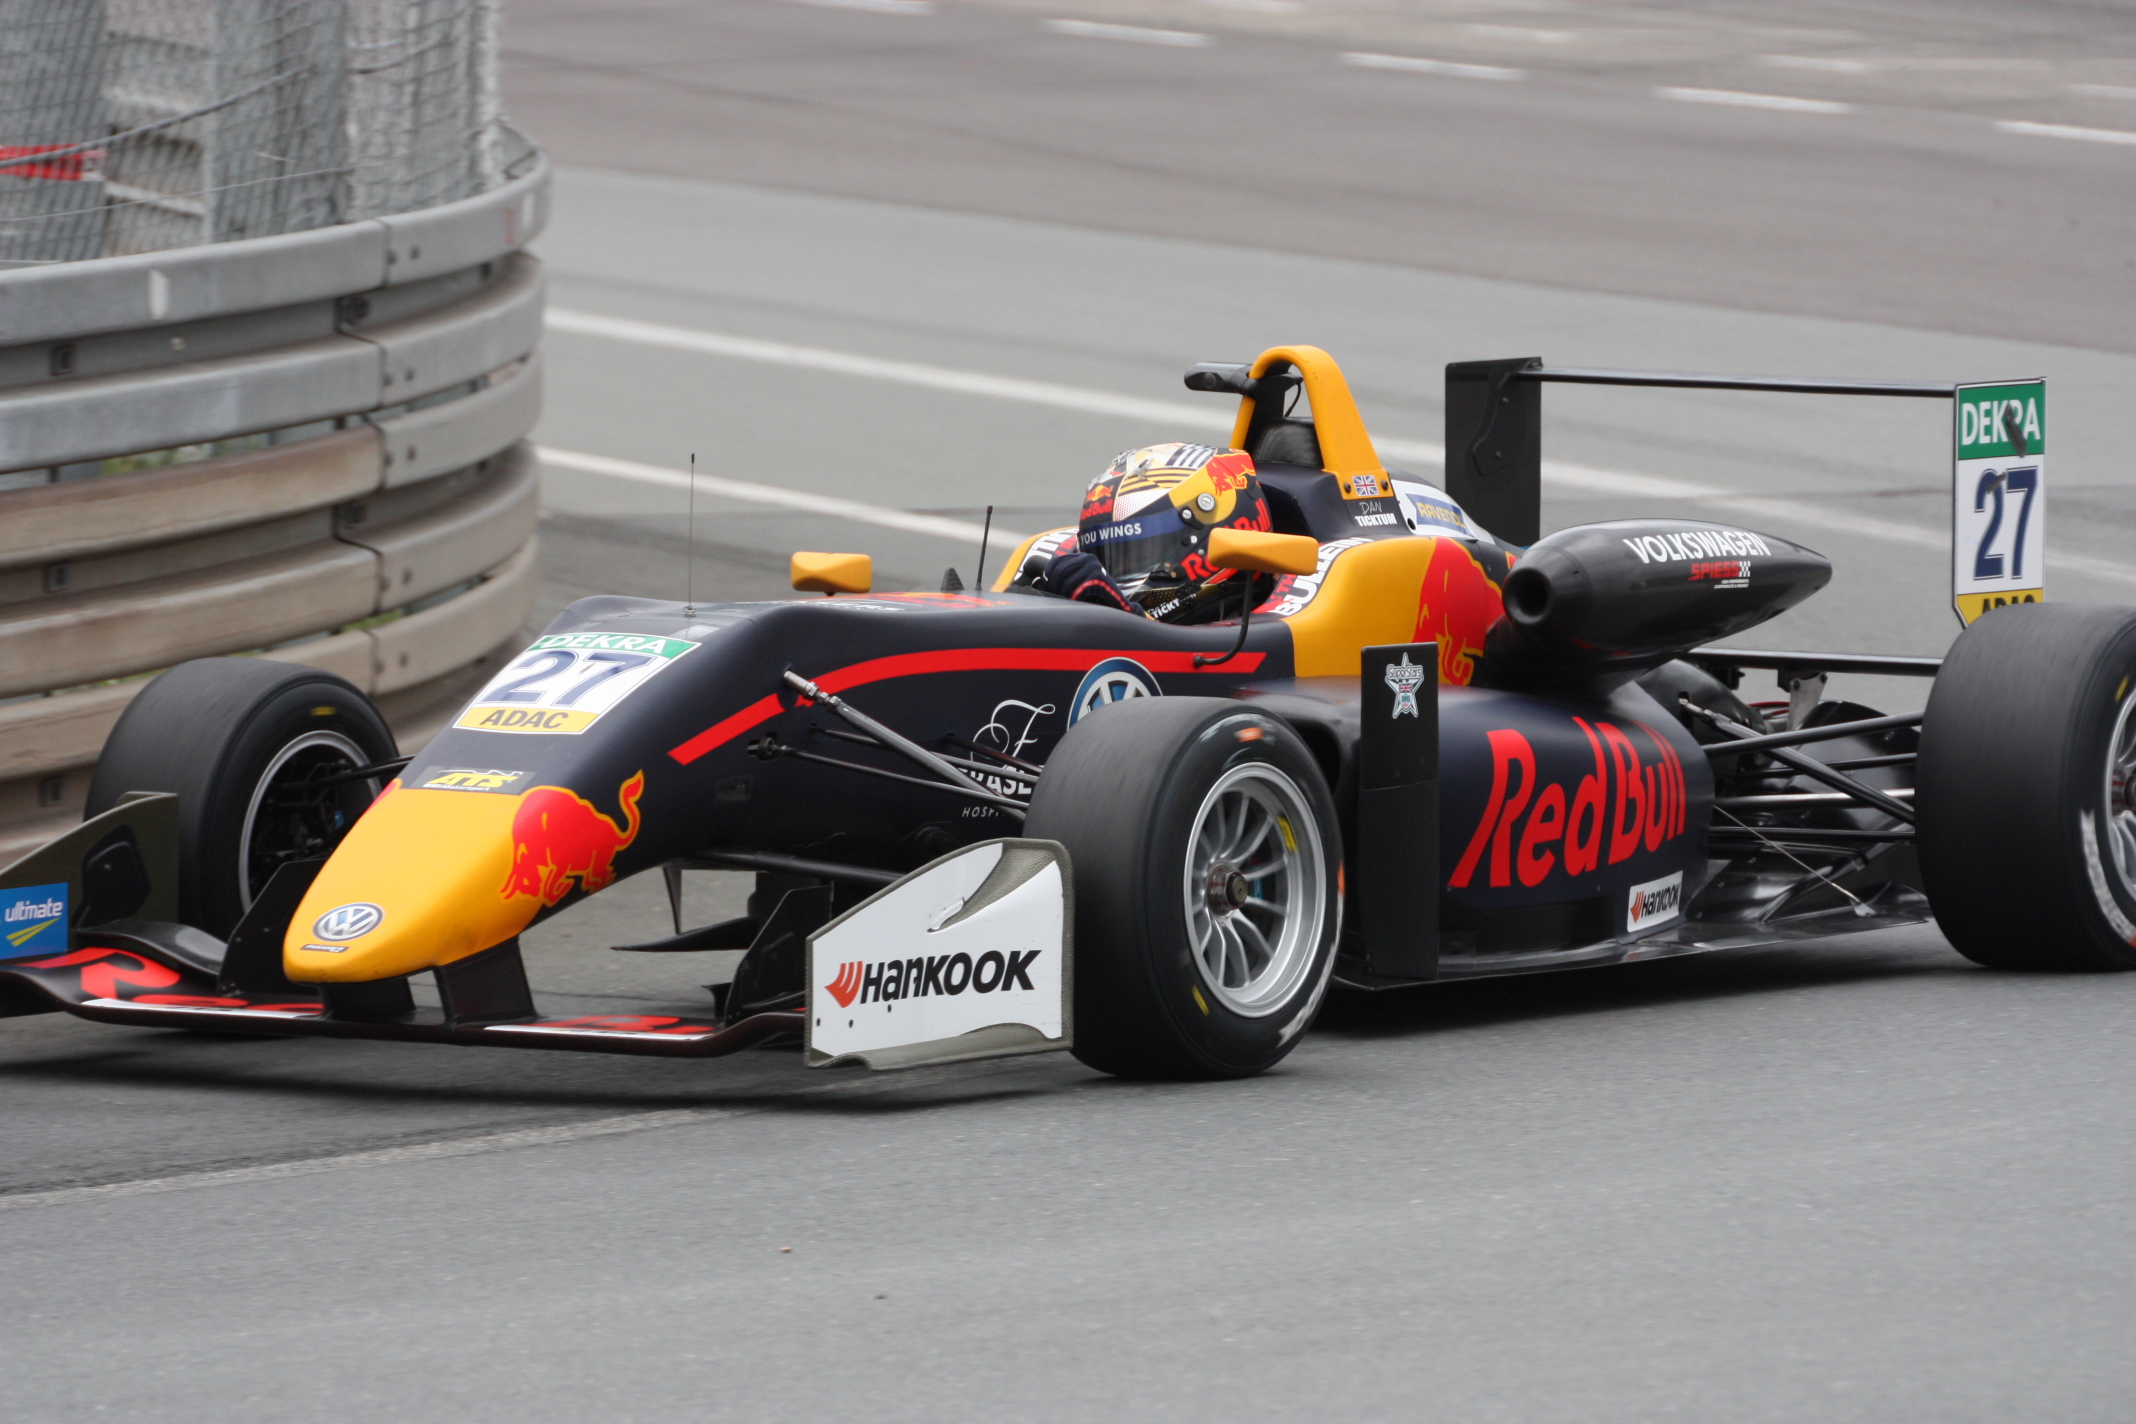 Angličan Daniel Tincktum má nejlepší předpoklady pro velkou budoucnost: Letos je jediným úspěšným juniorem Red Bullu. Na Norisringu jednou vyhrál a za Armstrongem je celkově jen o bodík druhý